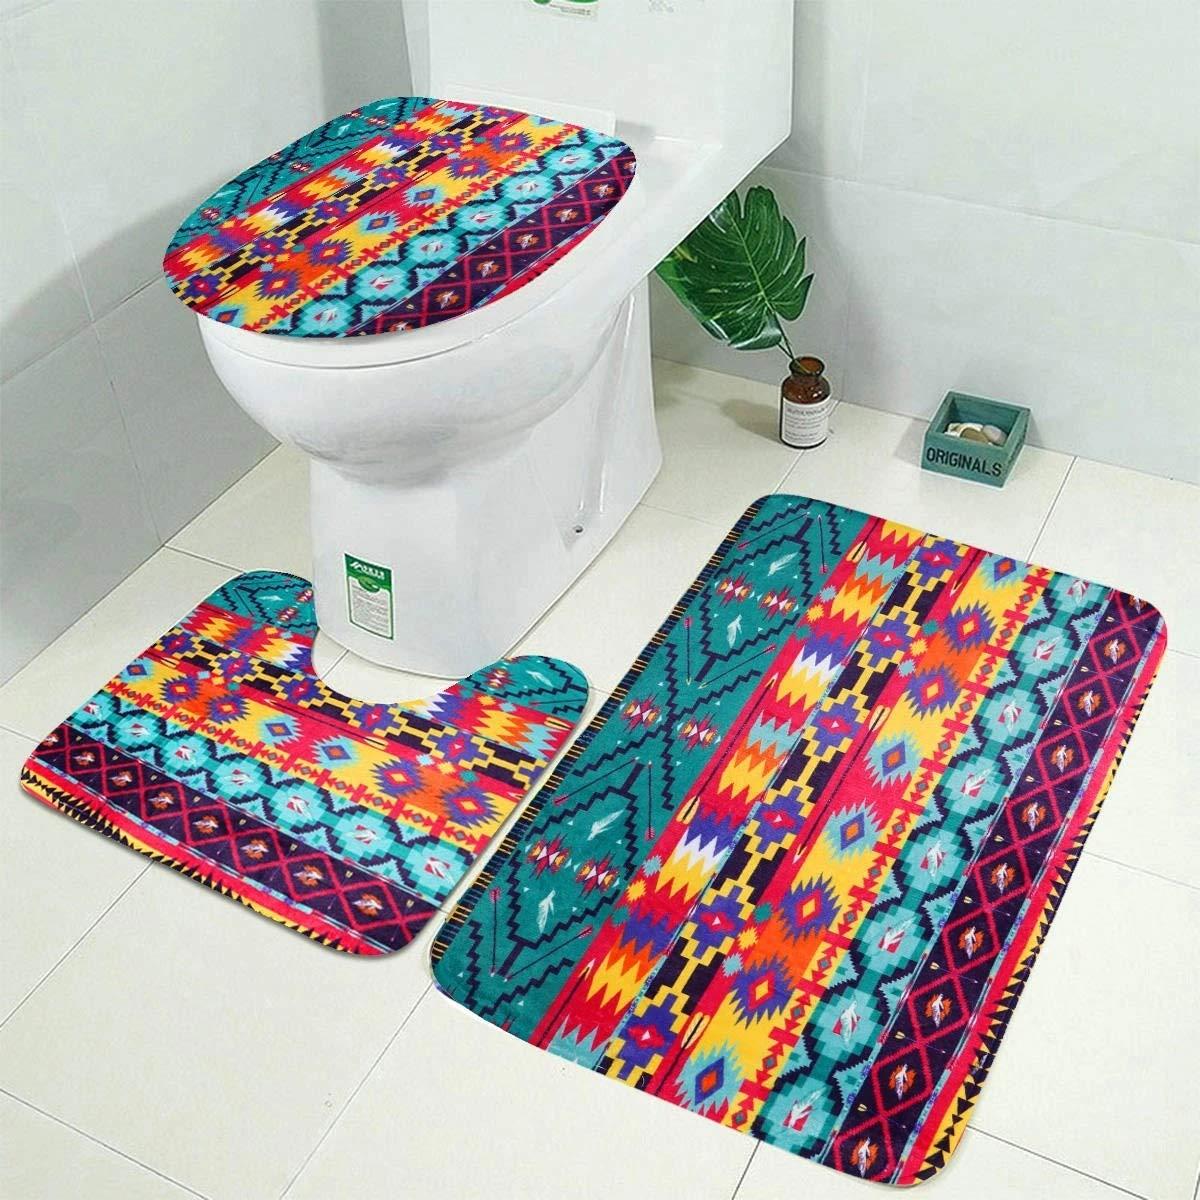 Bathroom Rugs and Mats Sets- 10PCS Bathroom Set Toilet Cover Mat